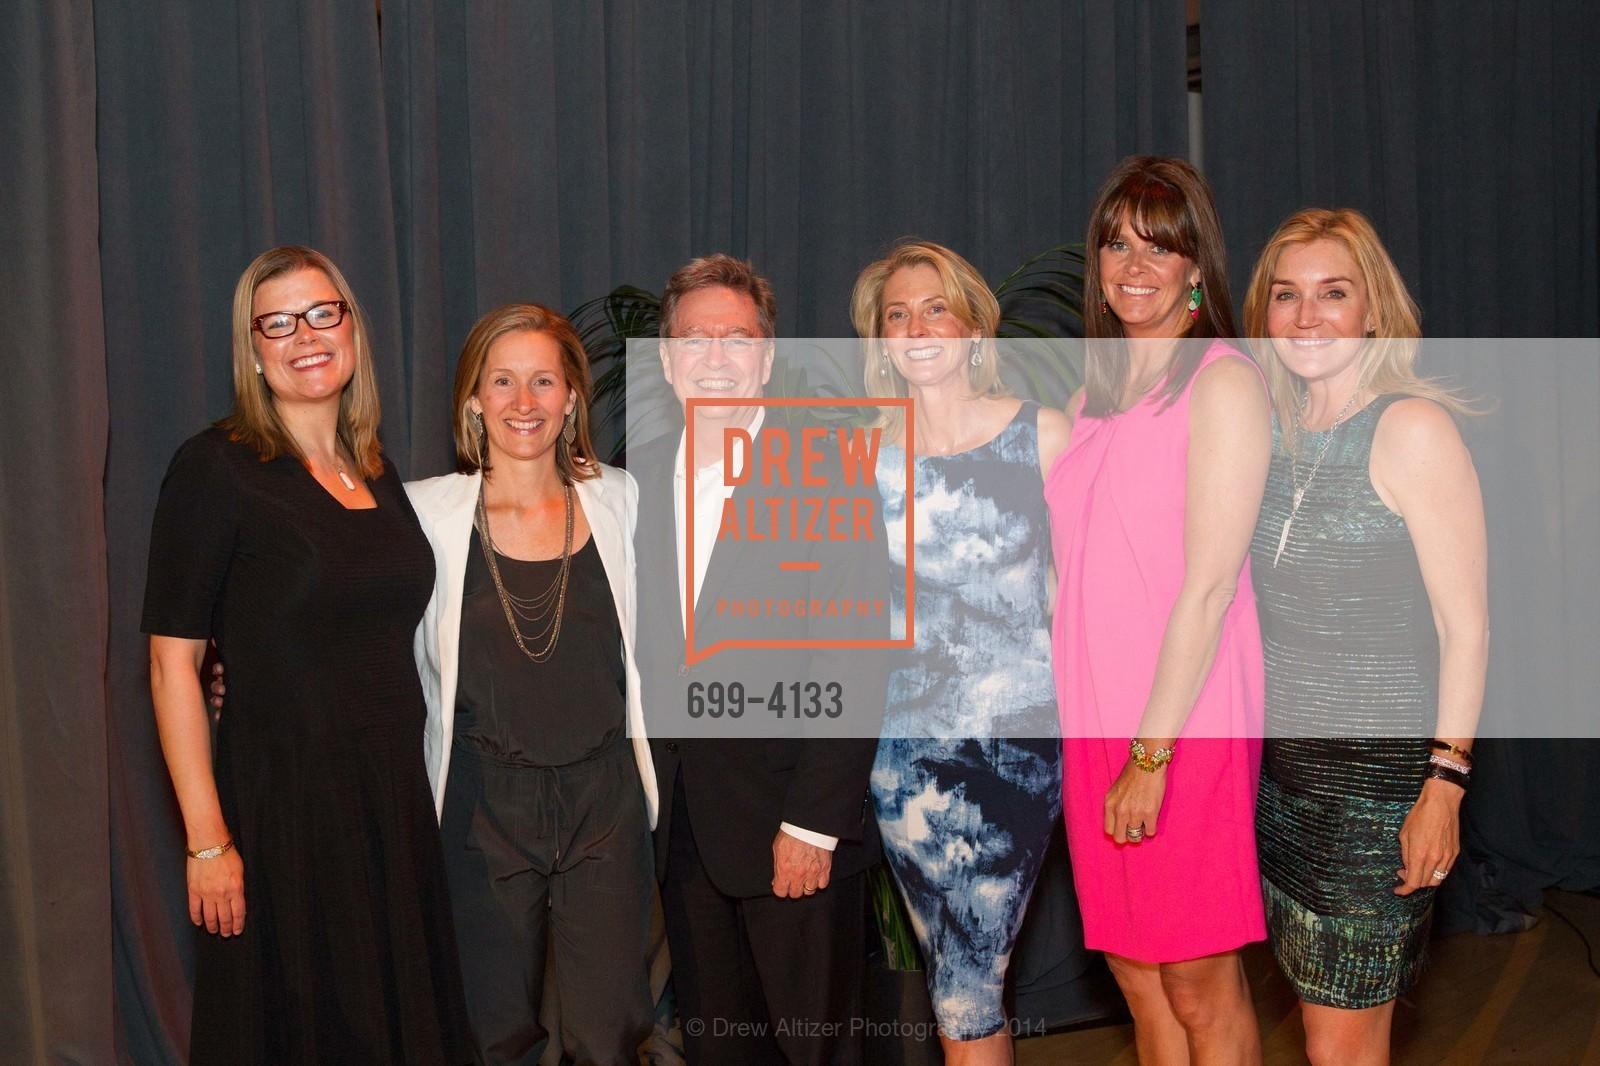 Heather White, Carol McDonnell, Ken Cook, Jennifer Caldwell, Christine Gardner, Maggie Mack, Photo #699-4133